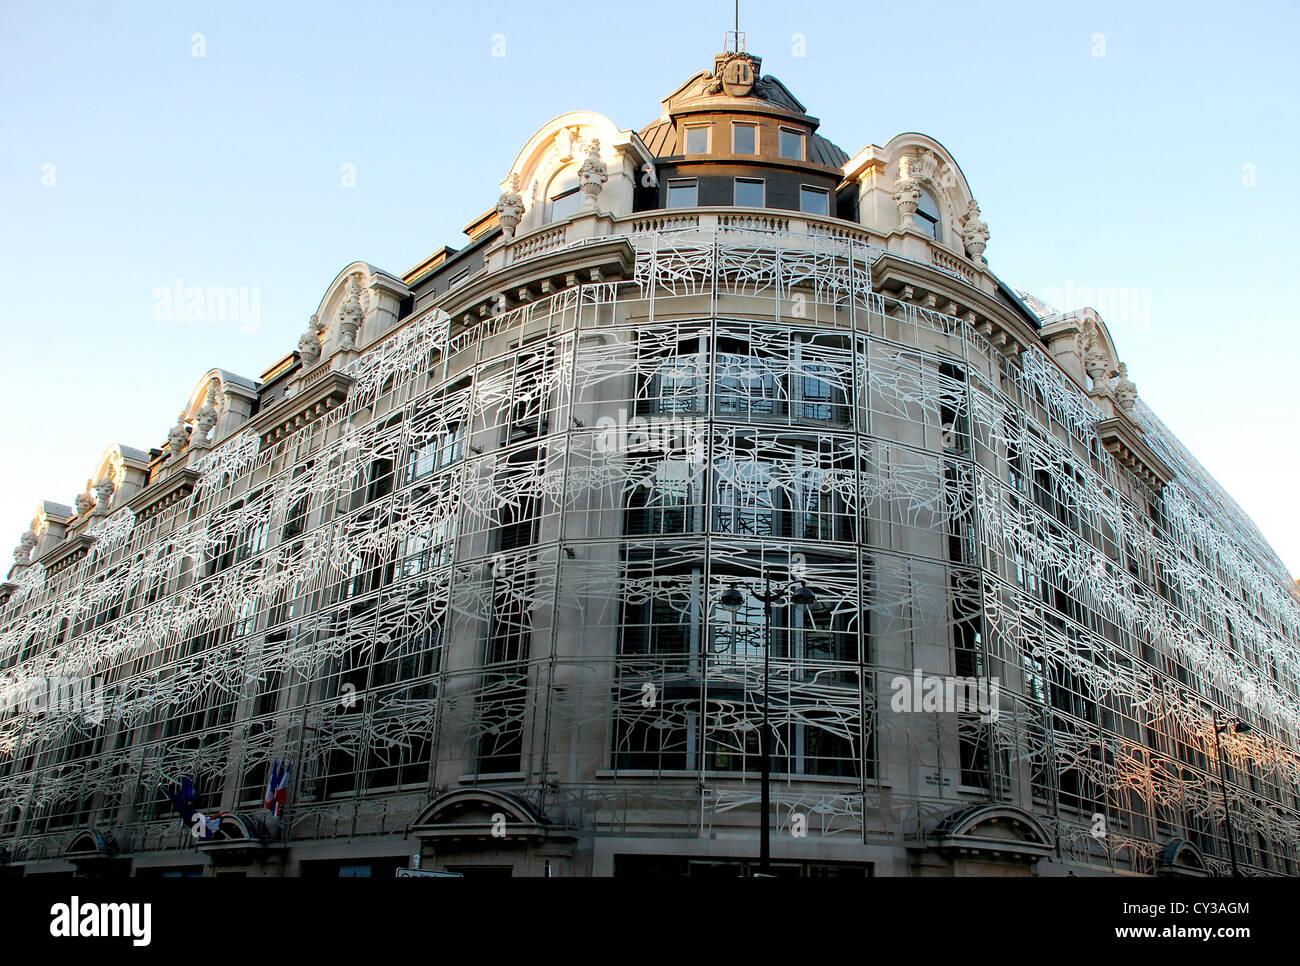 Decorazione di metallo stile Art Nouveau sul Ministero della cultura e delle comunicazioni edificio, Paris, Francia. Foto Stock